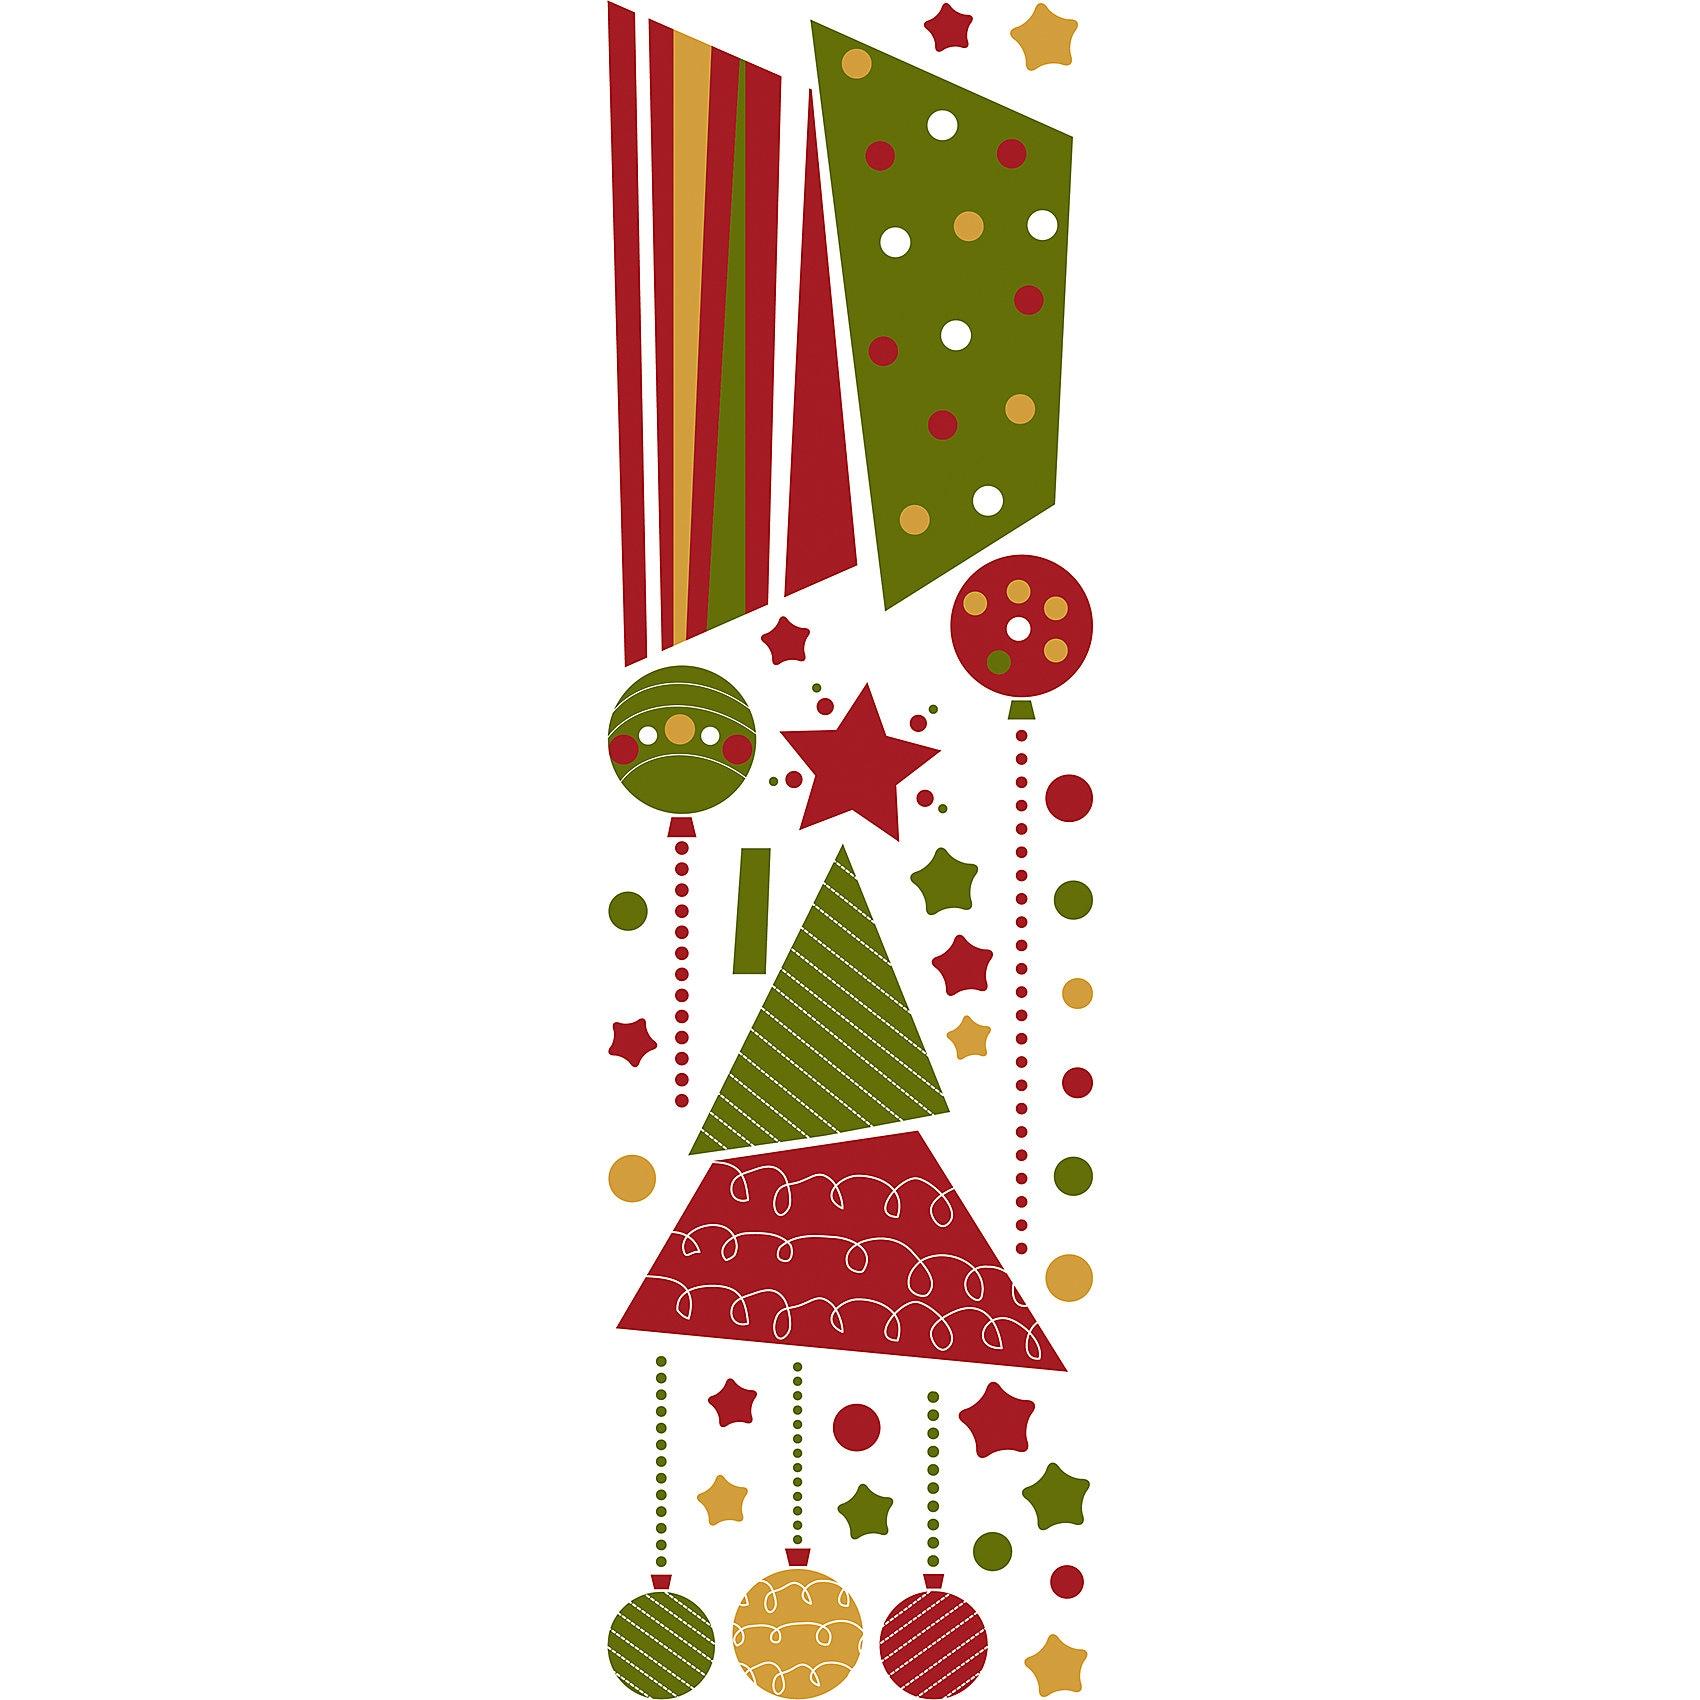 Wandsticker Weihnachtsbaum 33-tlg.